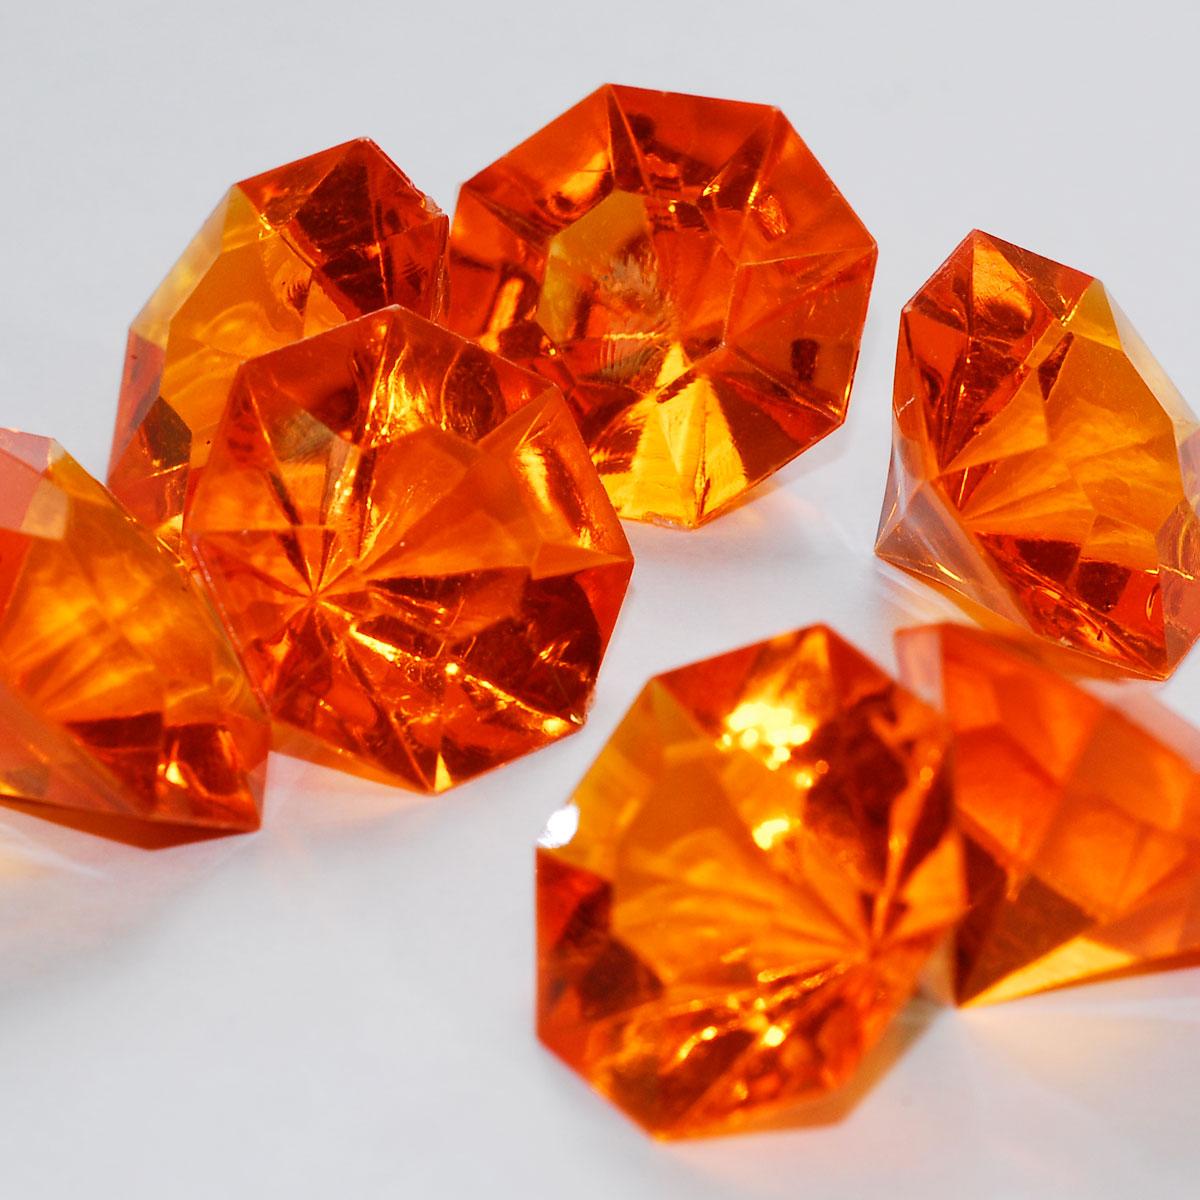 Assorted Pirate Gem Acrylic Flat Diamonds Various Color